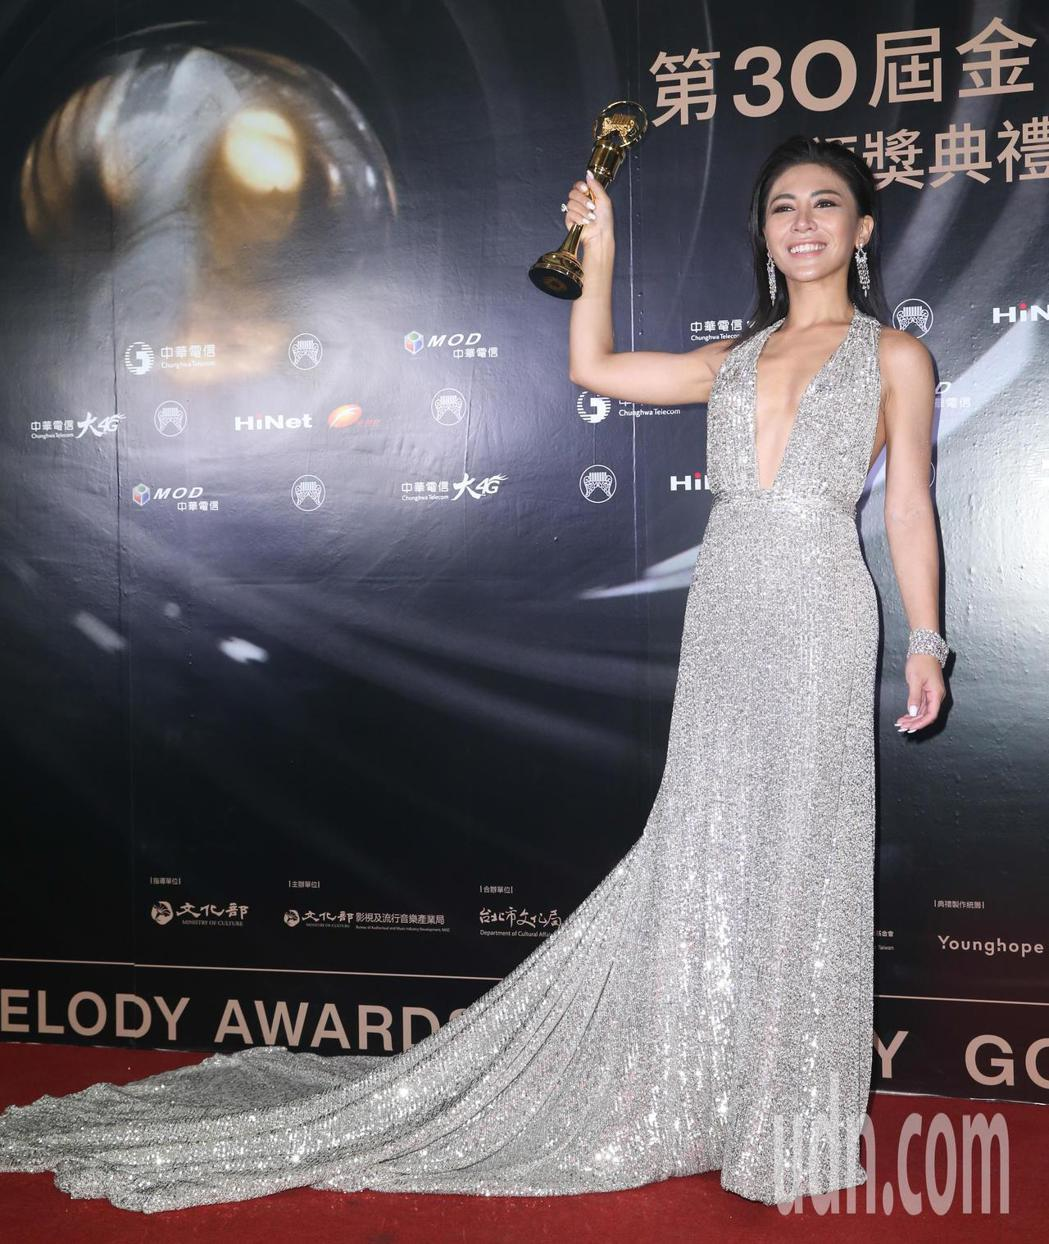 第30屆金曲獎,最佳作曲人獎由艾怡良獲得。記者葉信菉/攝影